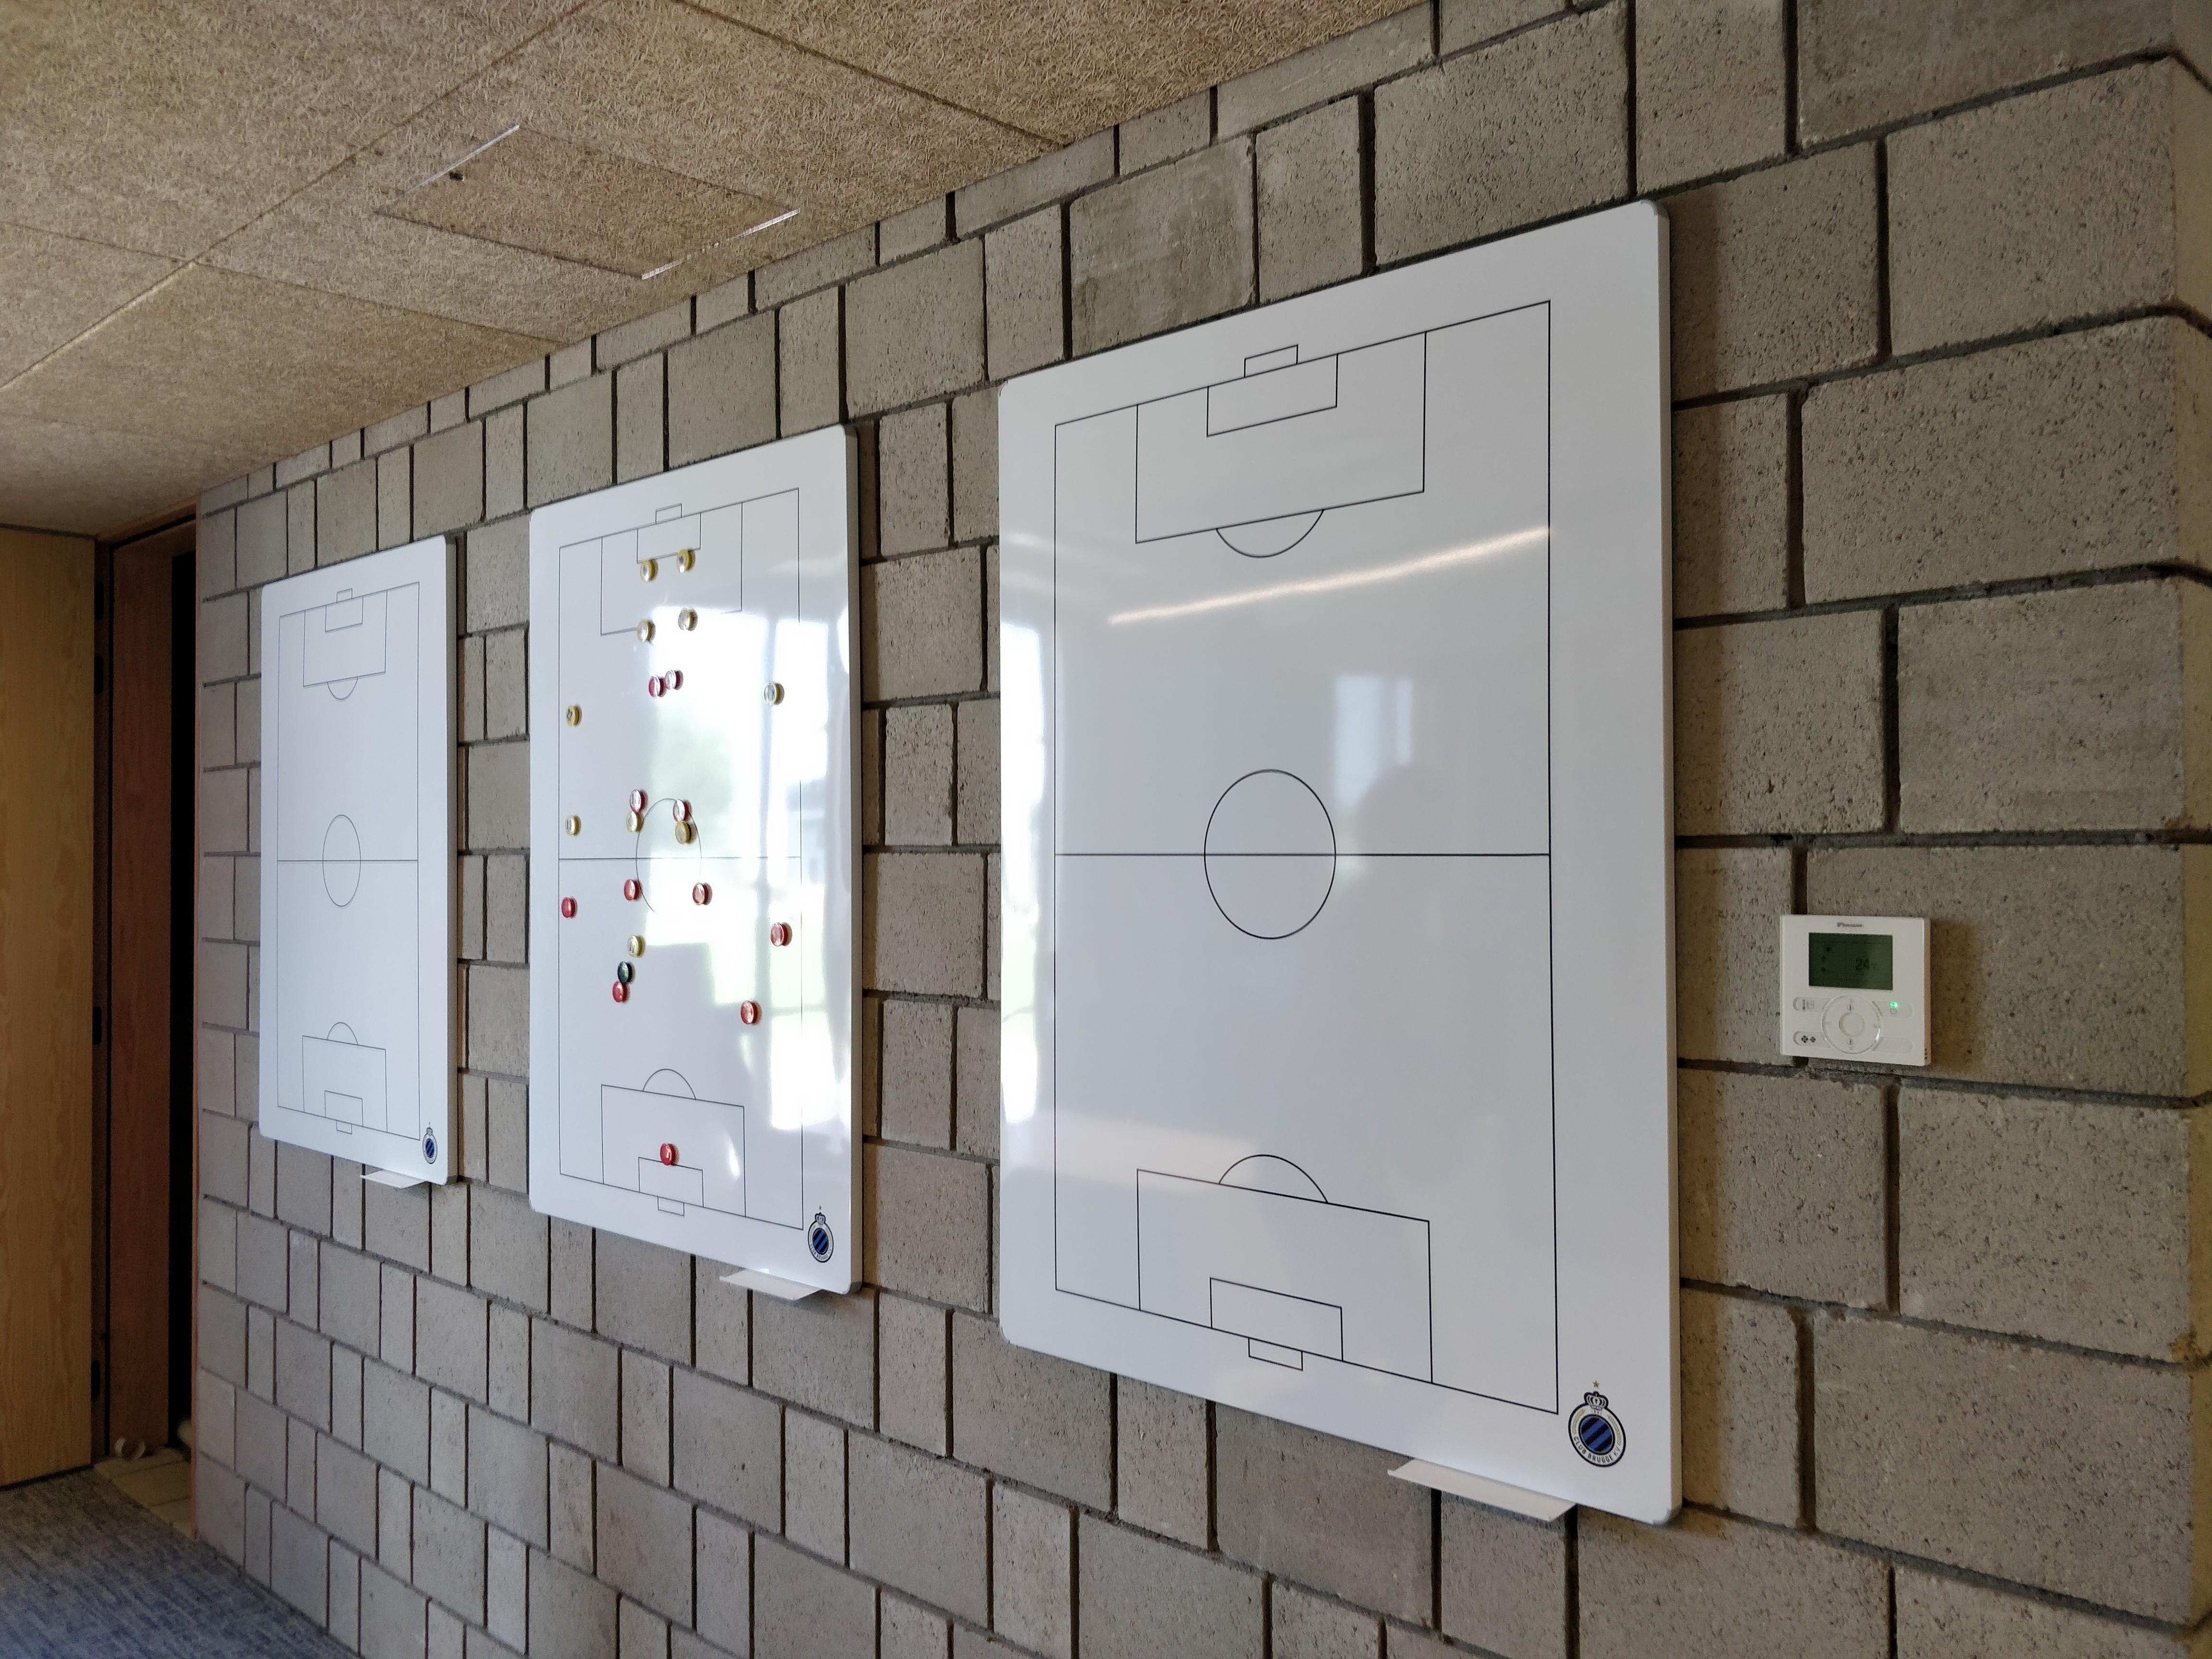 Club Brugge - Marcelis Smart Office - Legamaster tactical voetbelveld whiteboard met logo op rij- Belgie - Vlaams brabant